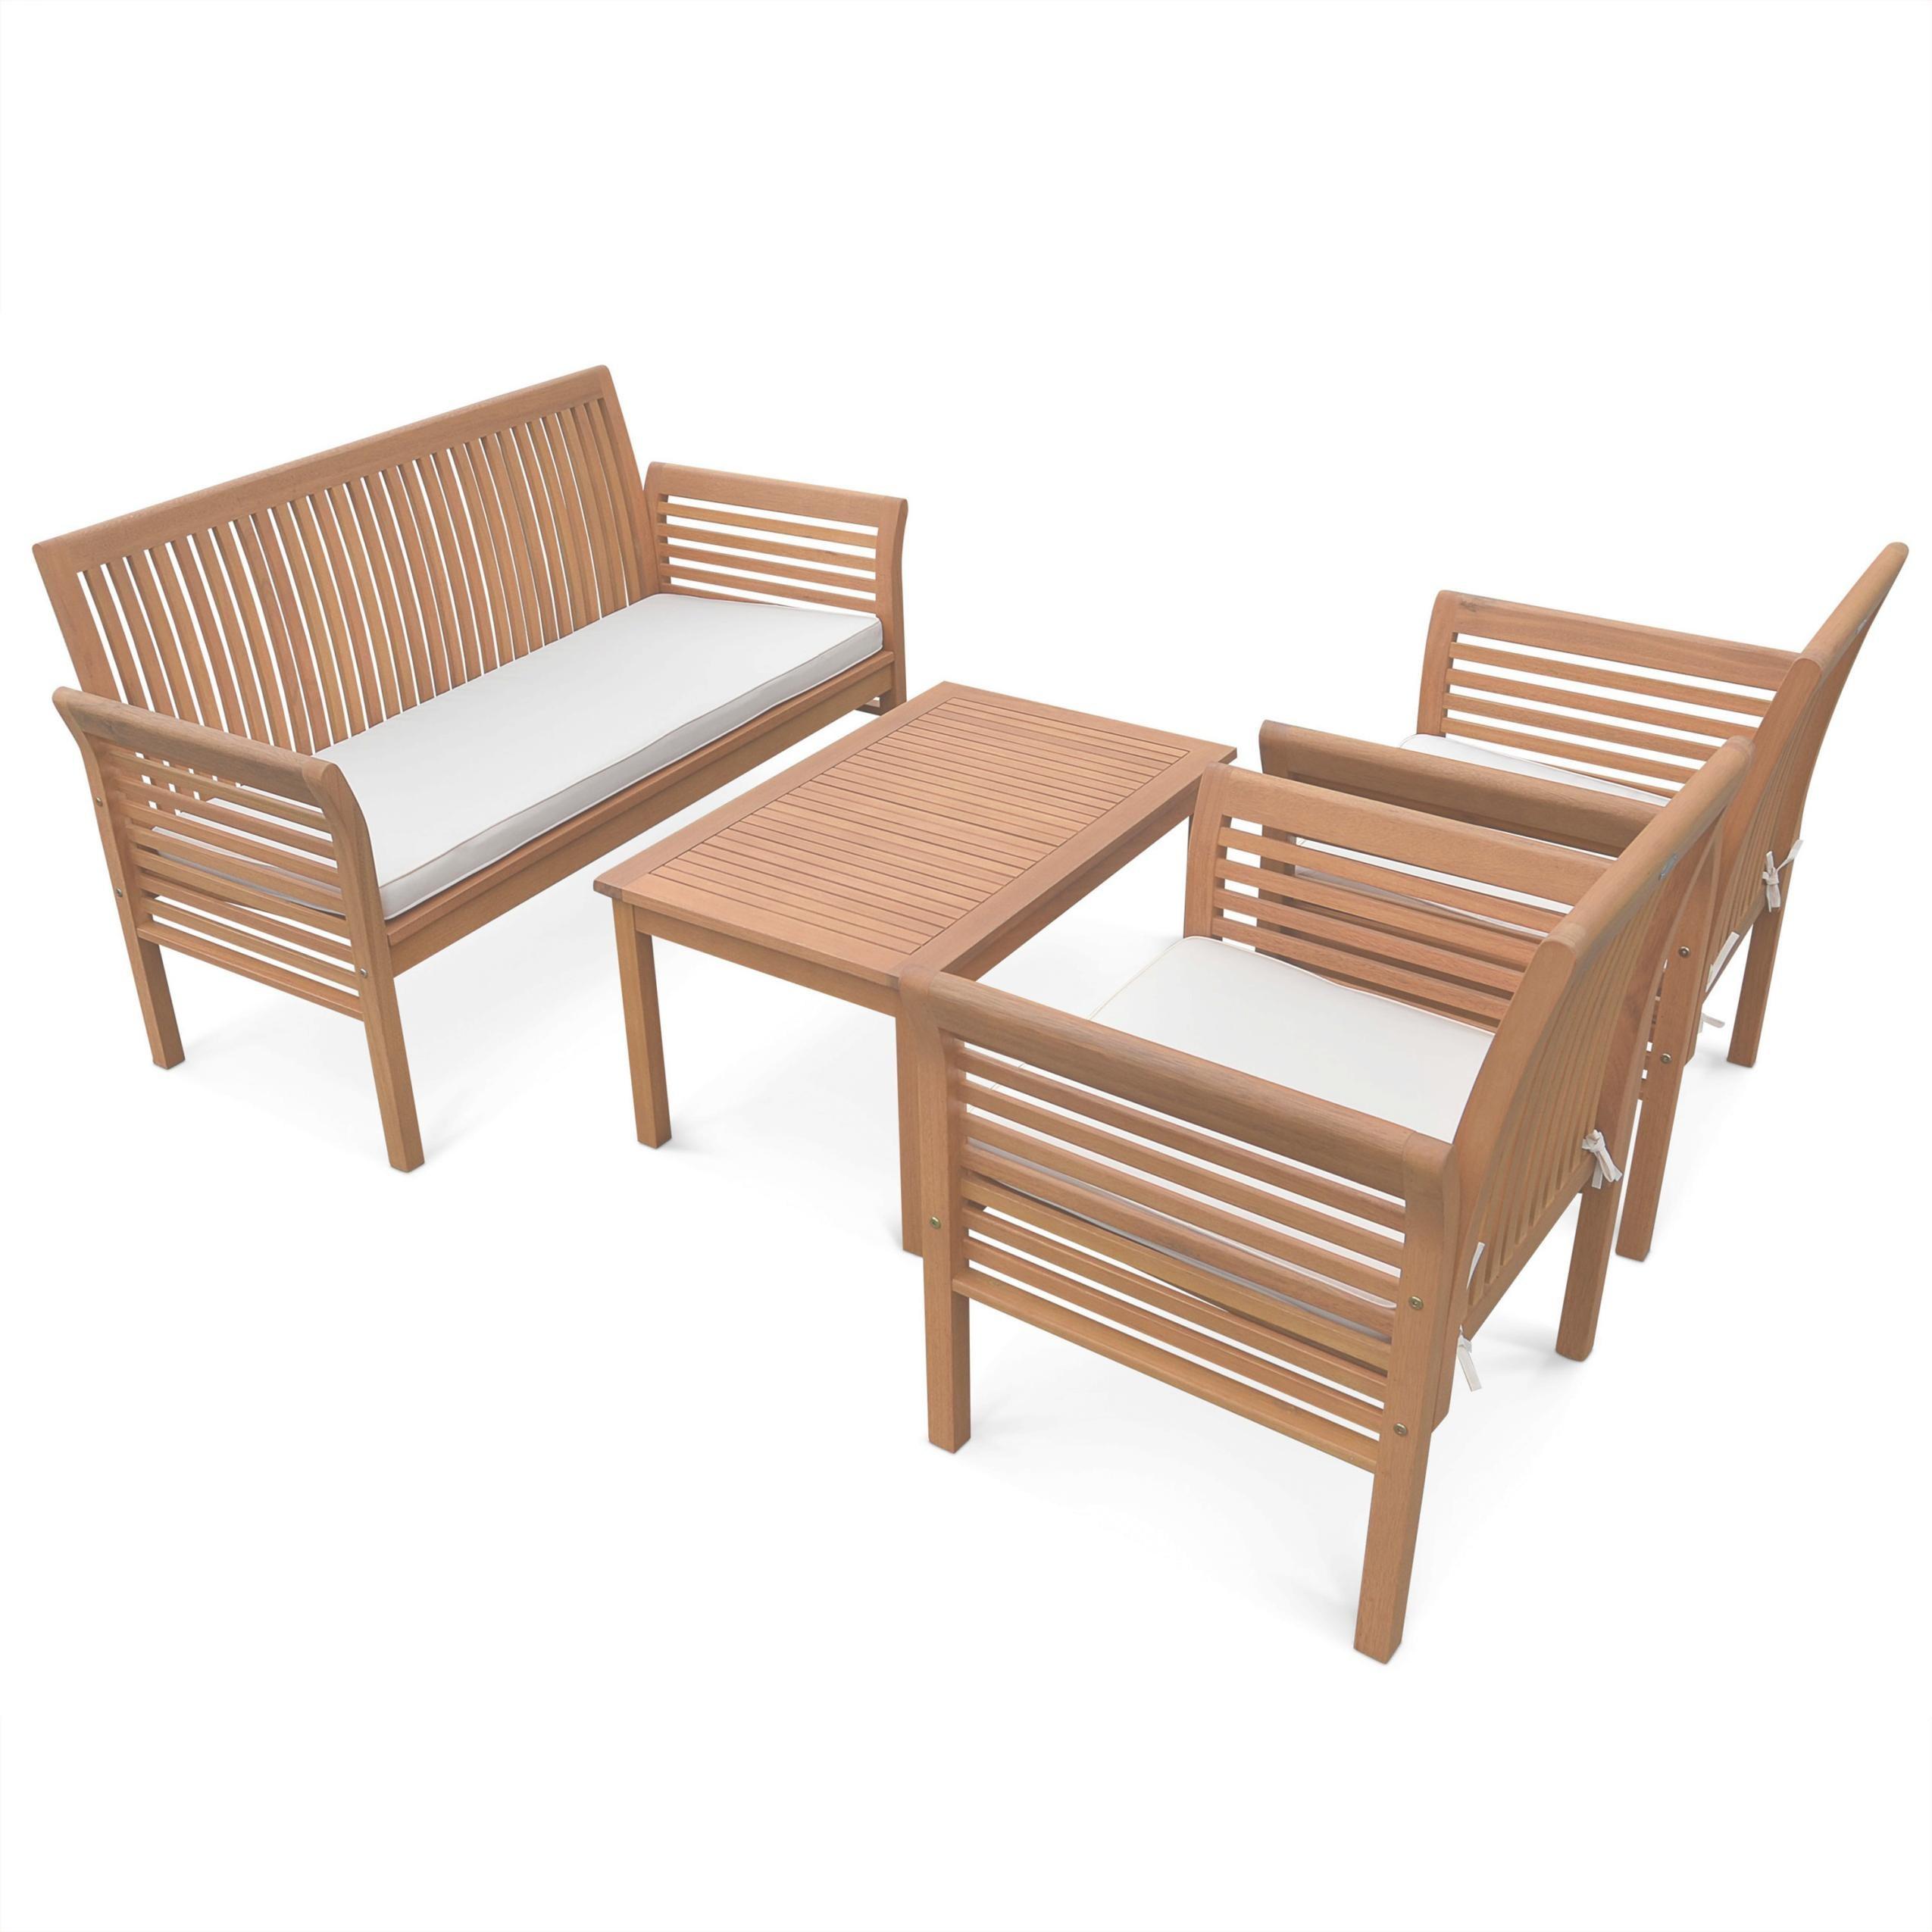 Chaise jardin bois solde - veranda-styledevie.fr